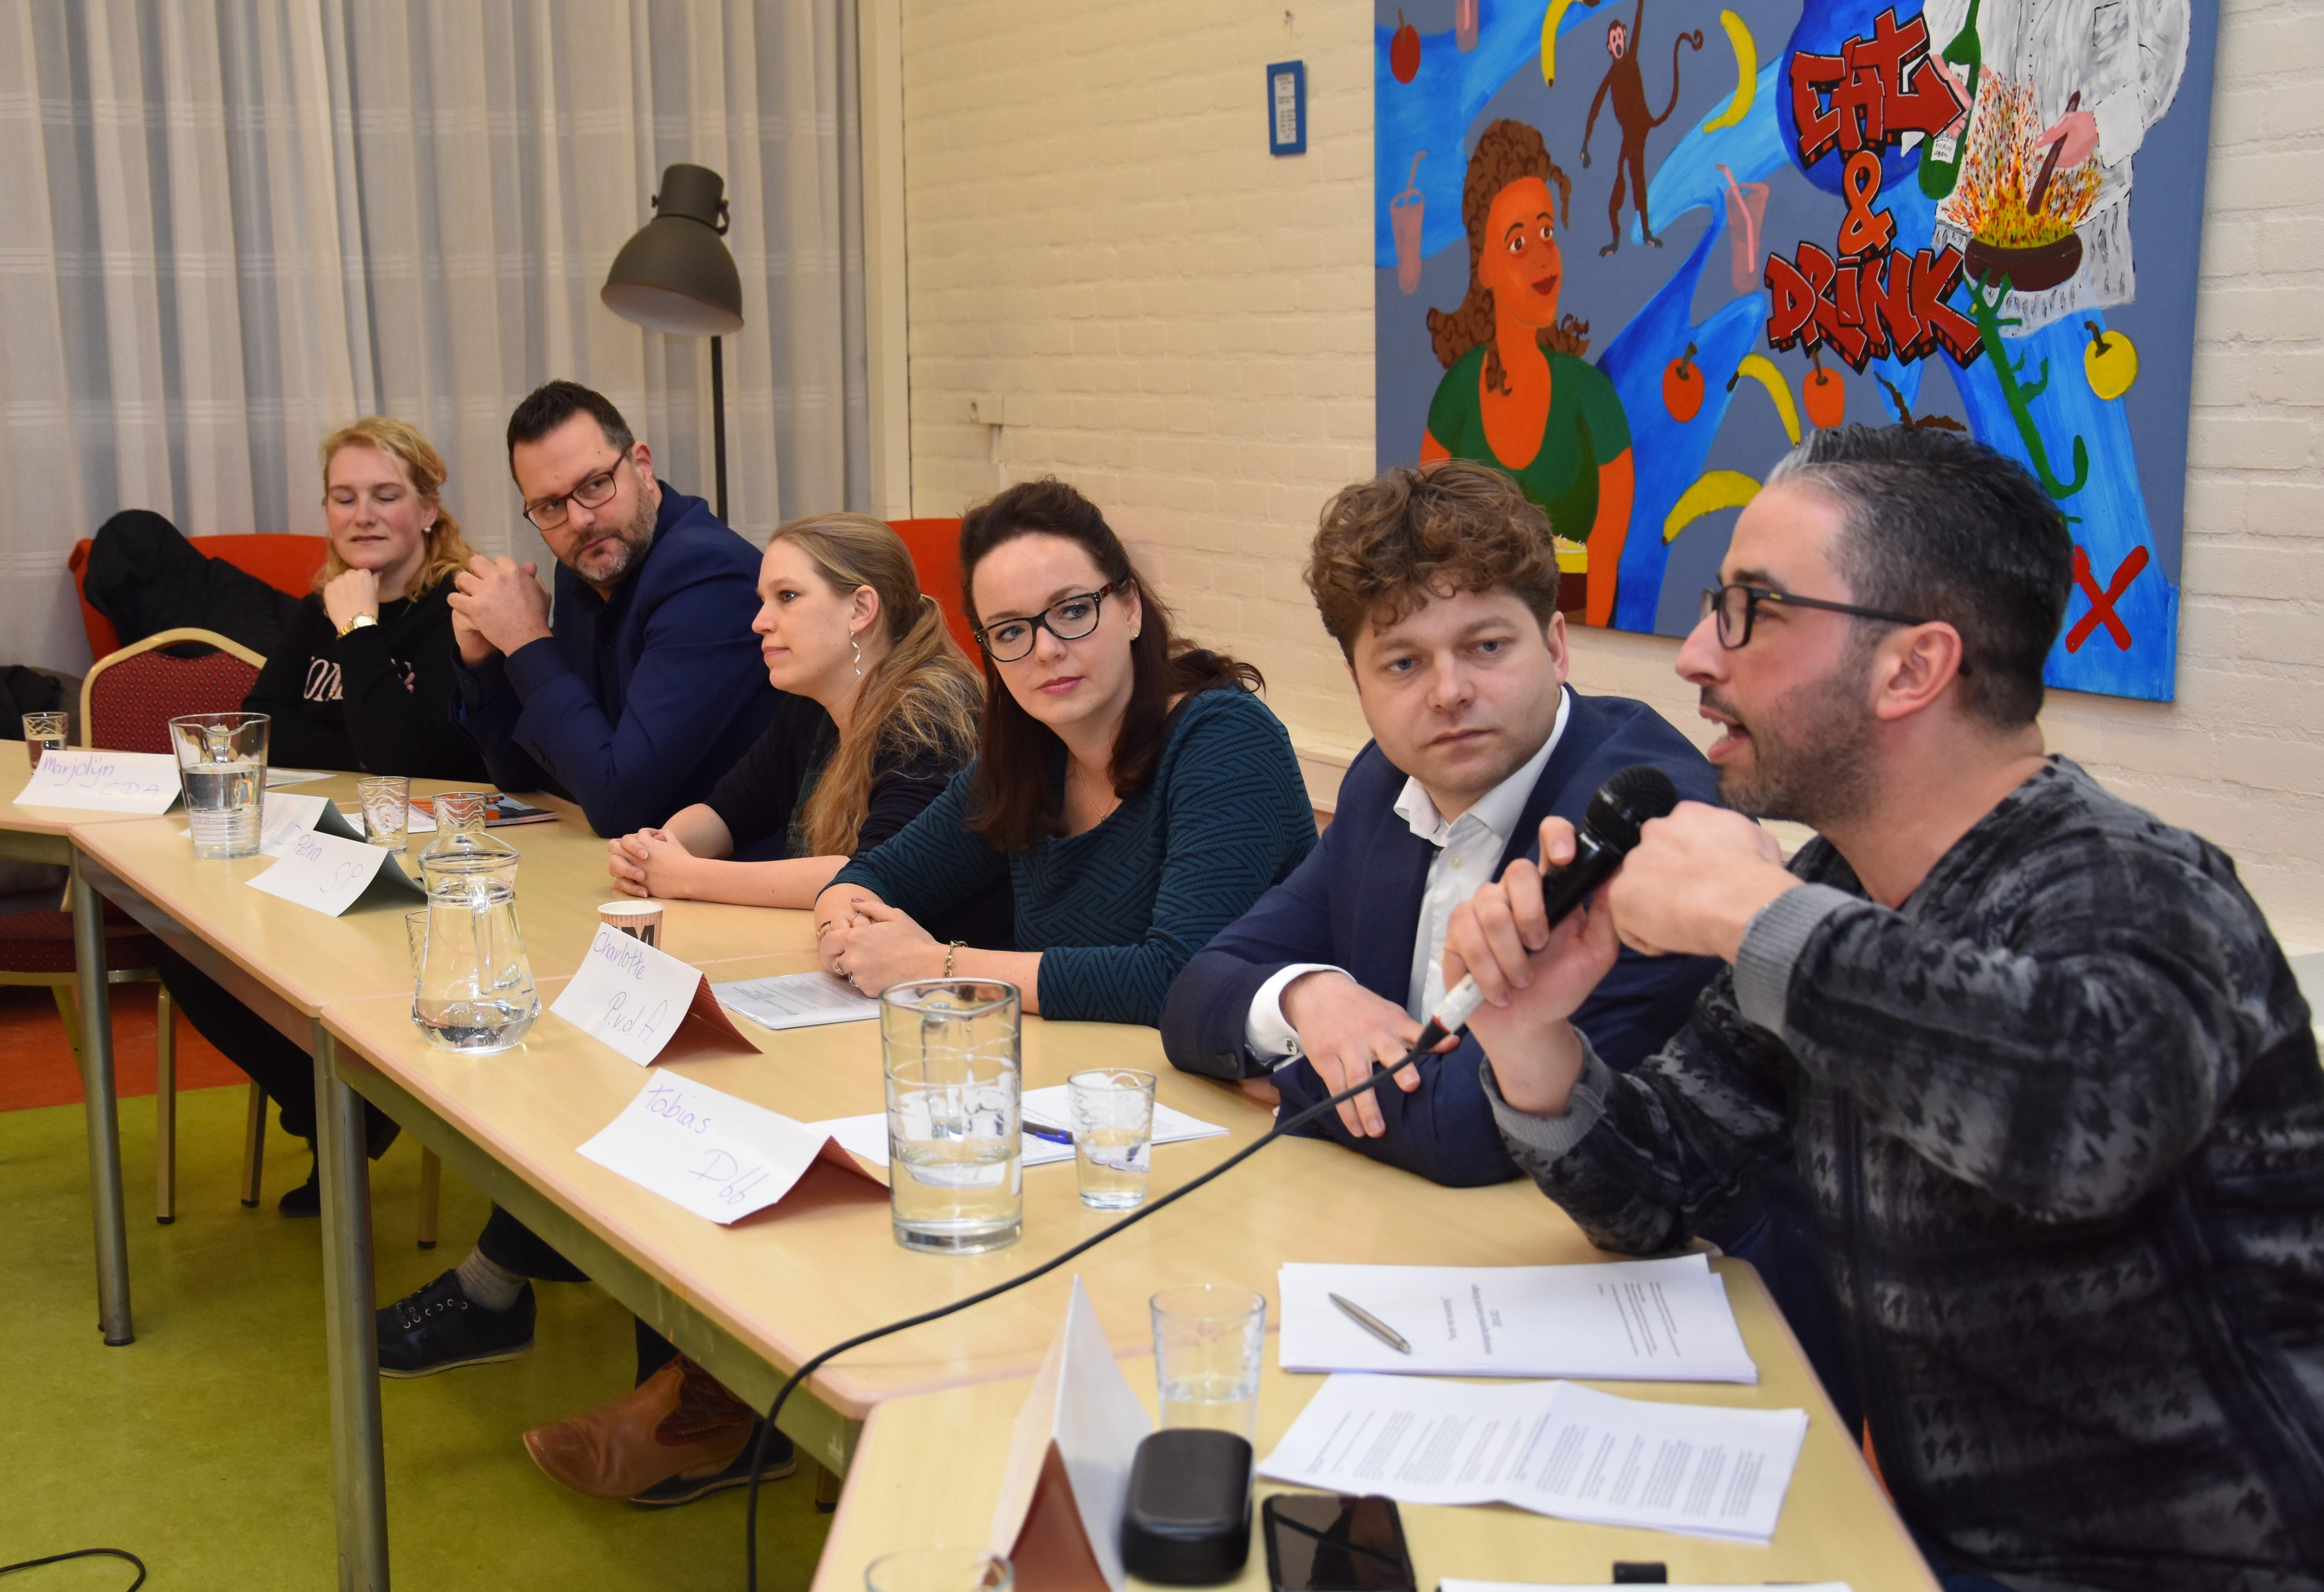 verslag politiek debat in het Wijkatelier Lindenholt